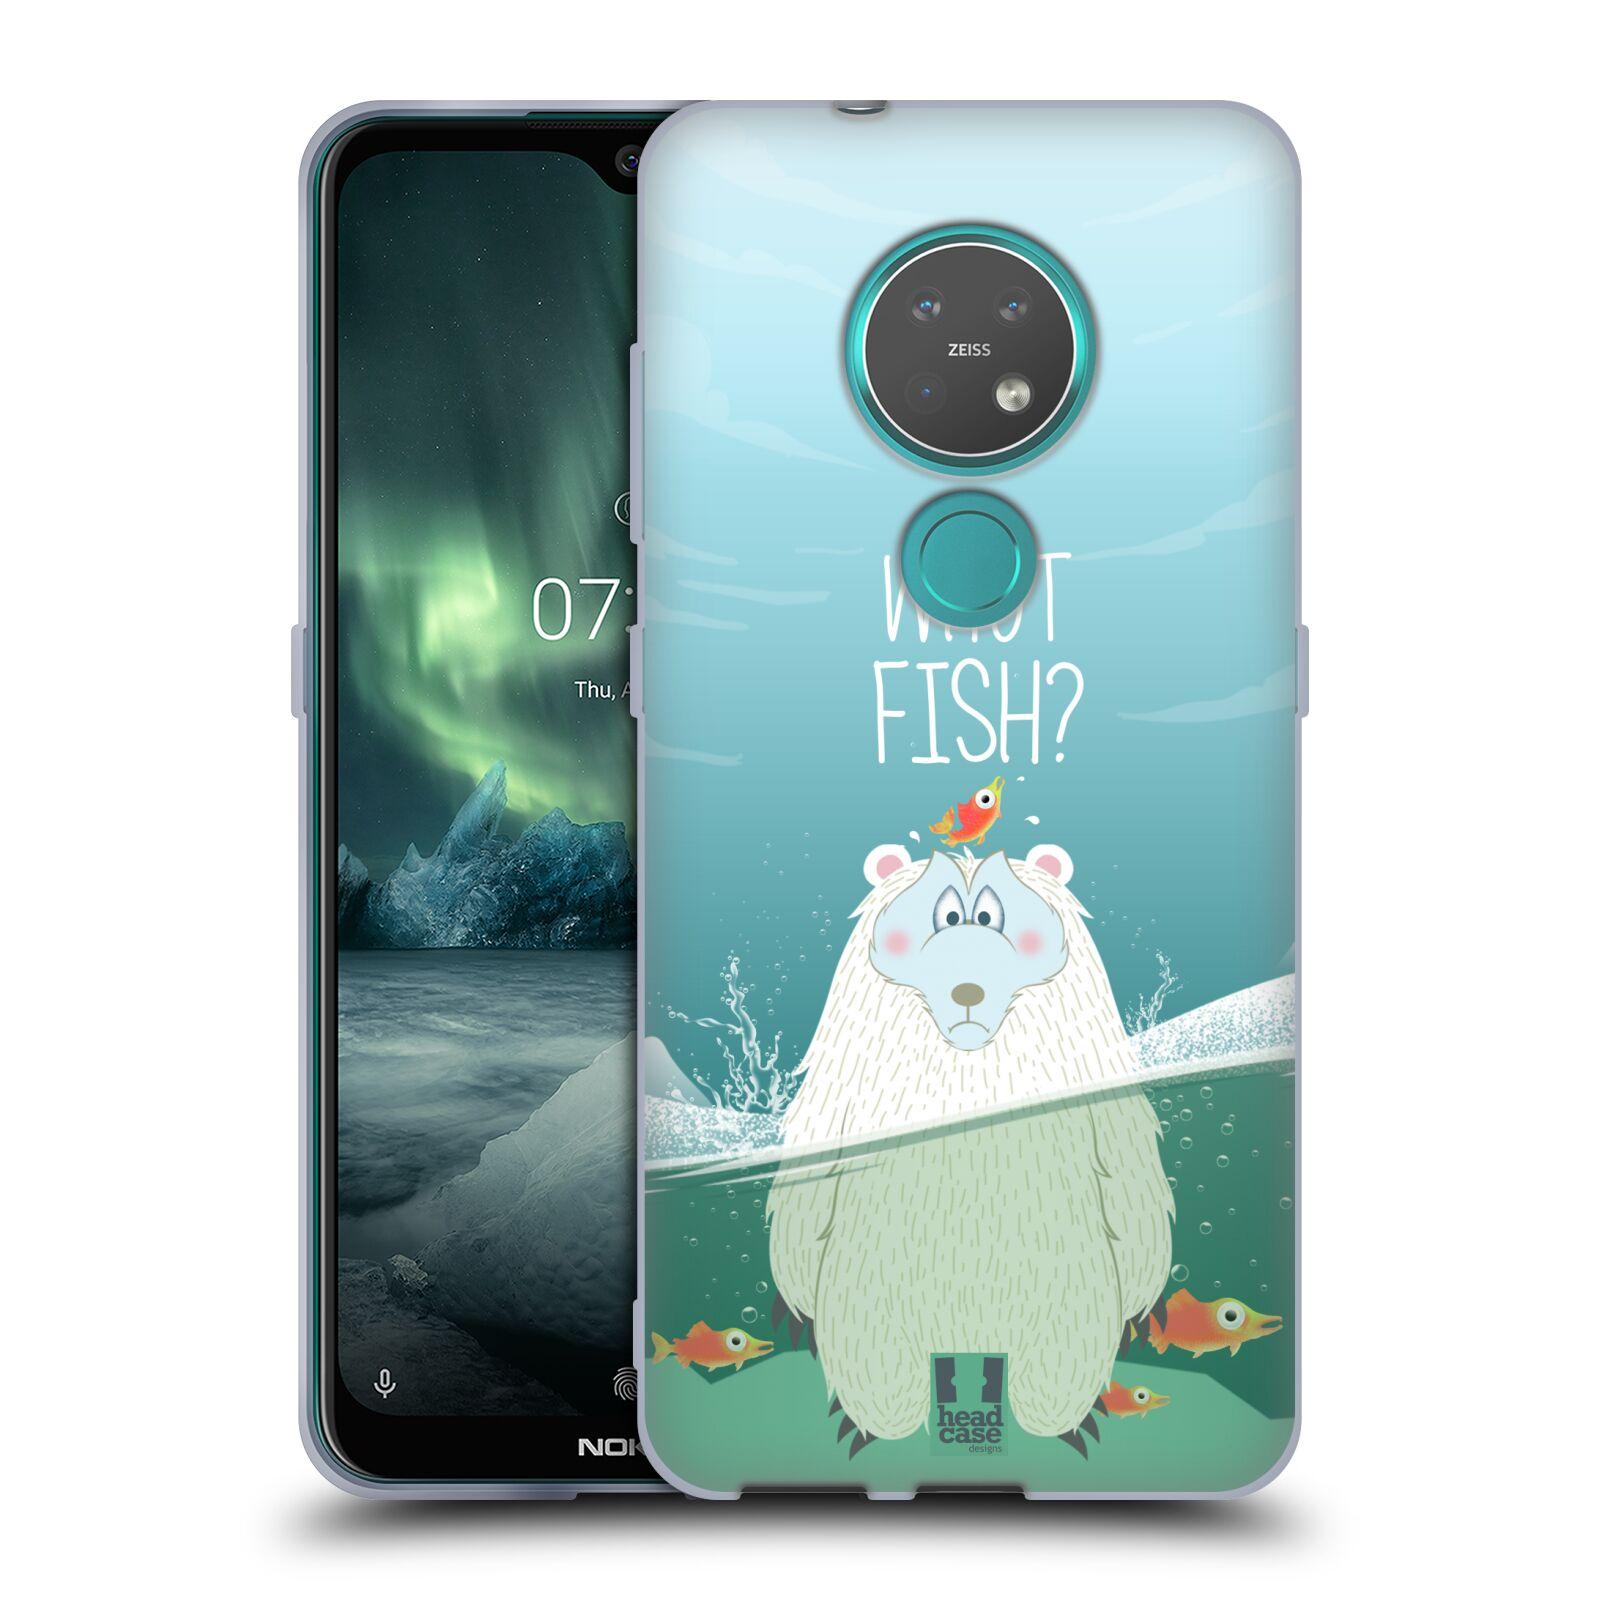 Silikonové pouzdro na mobil Nokia 7.2 - Head Case - Medvěd Whut Fish?